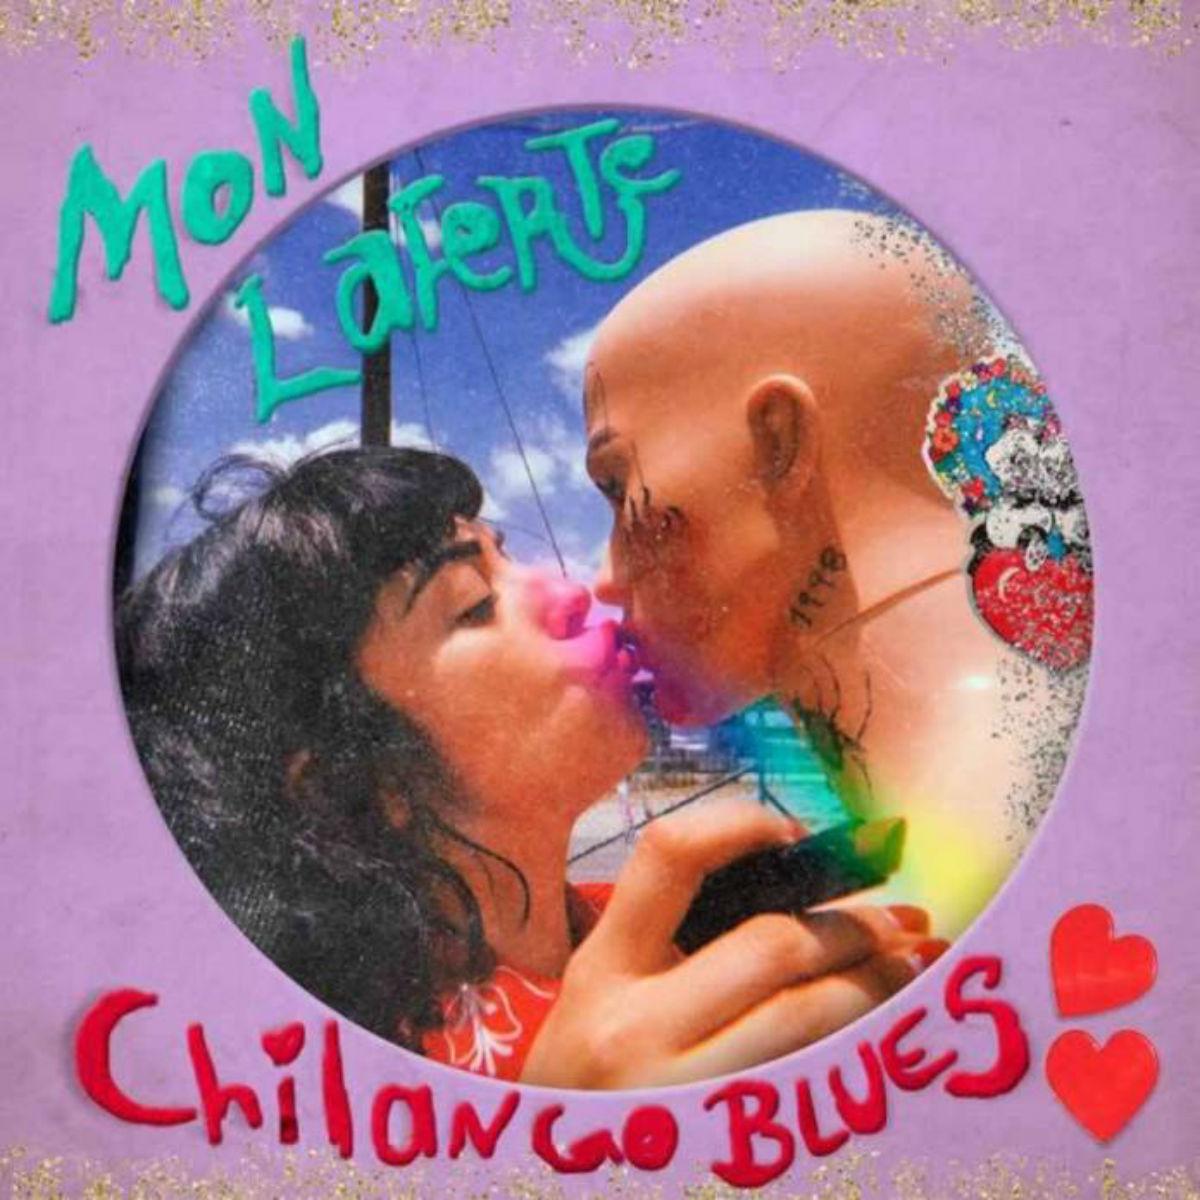 Mon Laferte Chilango Blues nuevo sencillo track lanzamiento play escucha